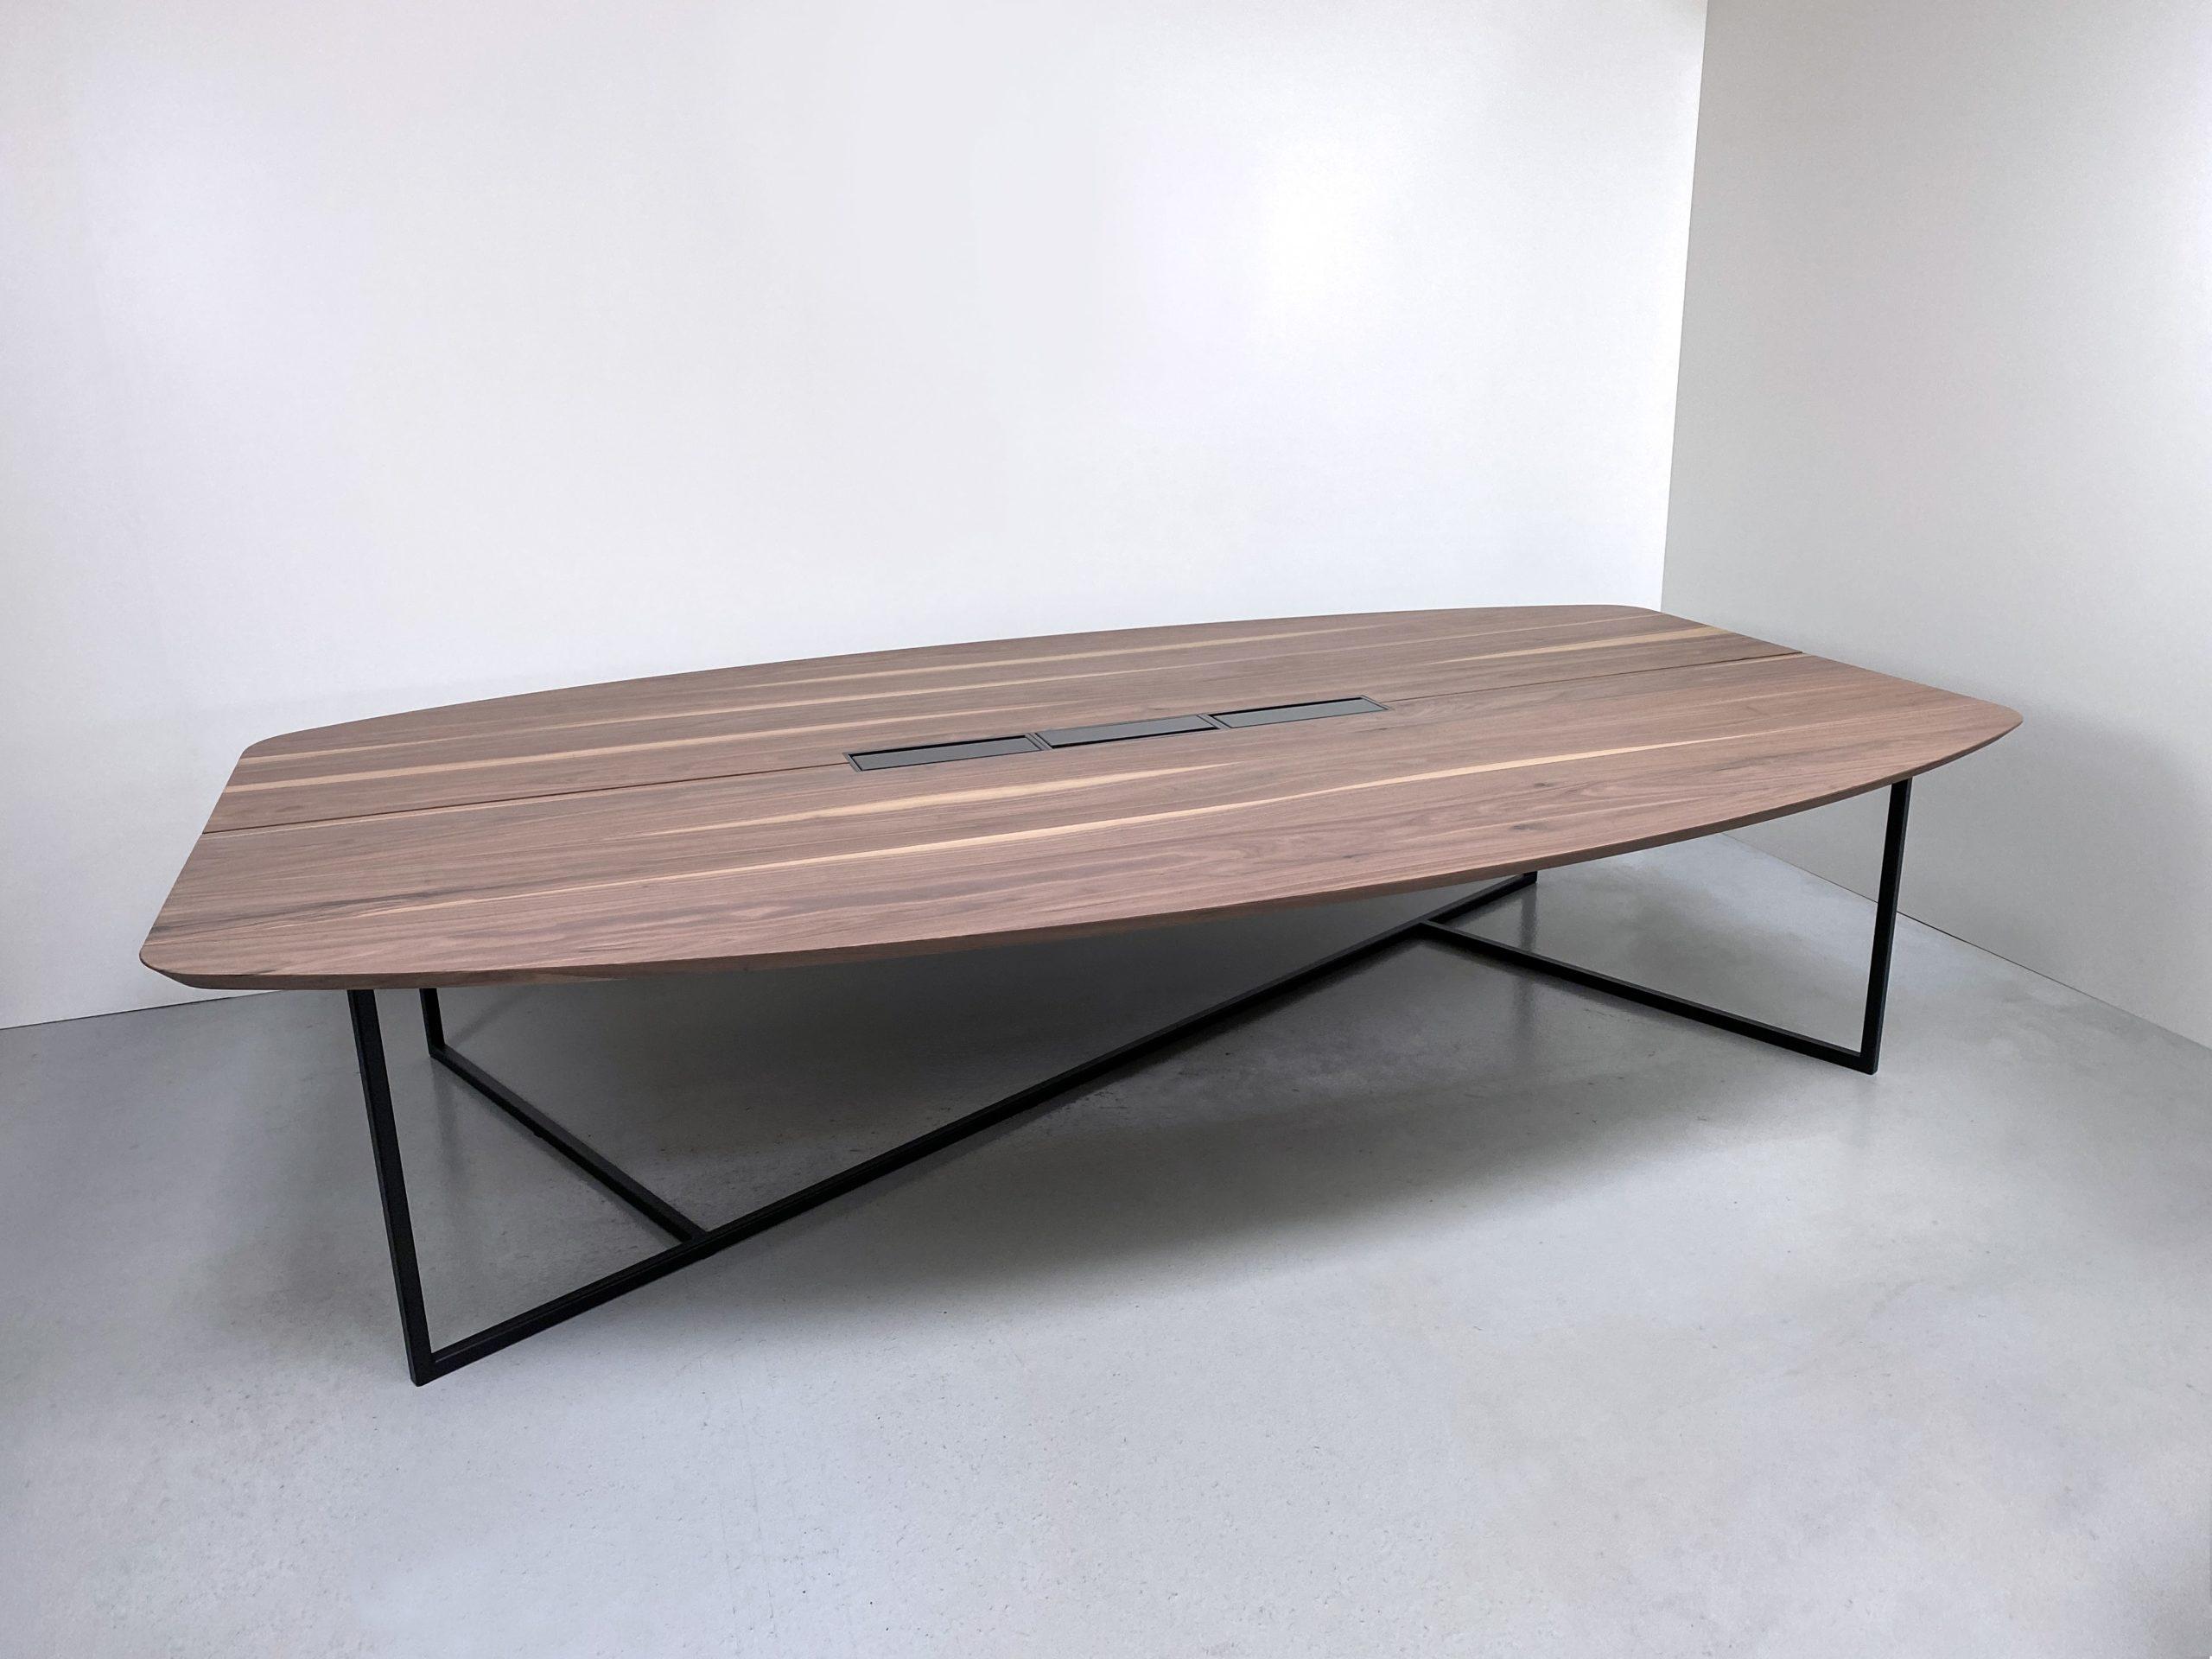 Table de réunion EMPREINTE plateau forme surf en noyer massif et pied acier noir charbon / Dimensions 340 x 200 x H 75 cm / Boitiers top access Bachmann encastrés à fleur